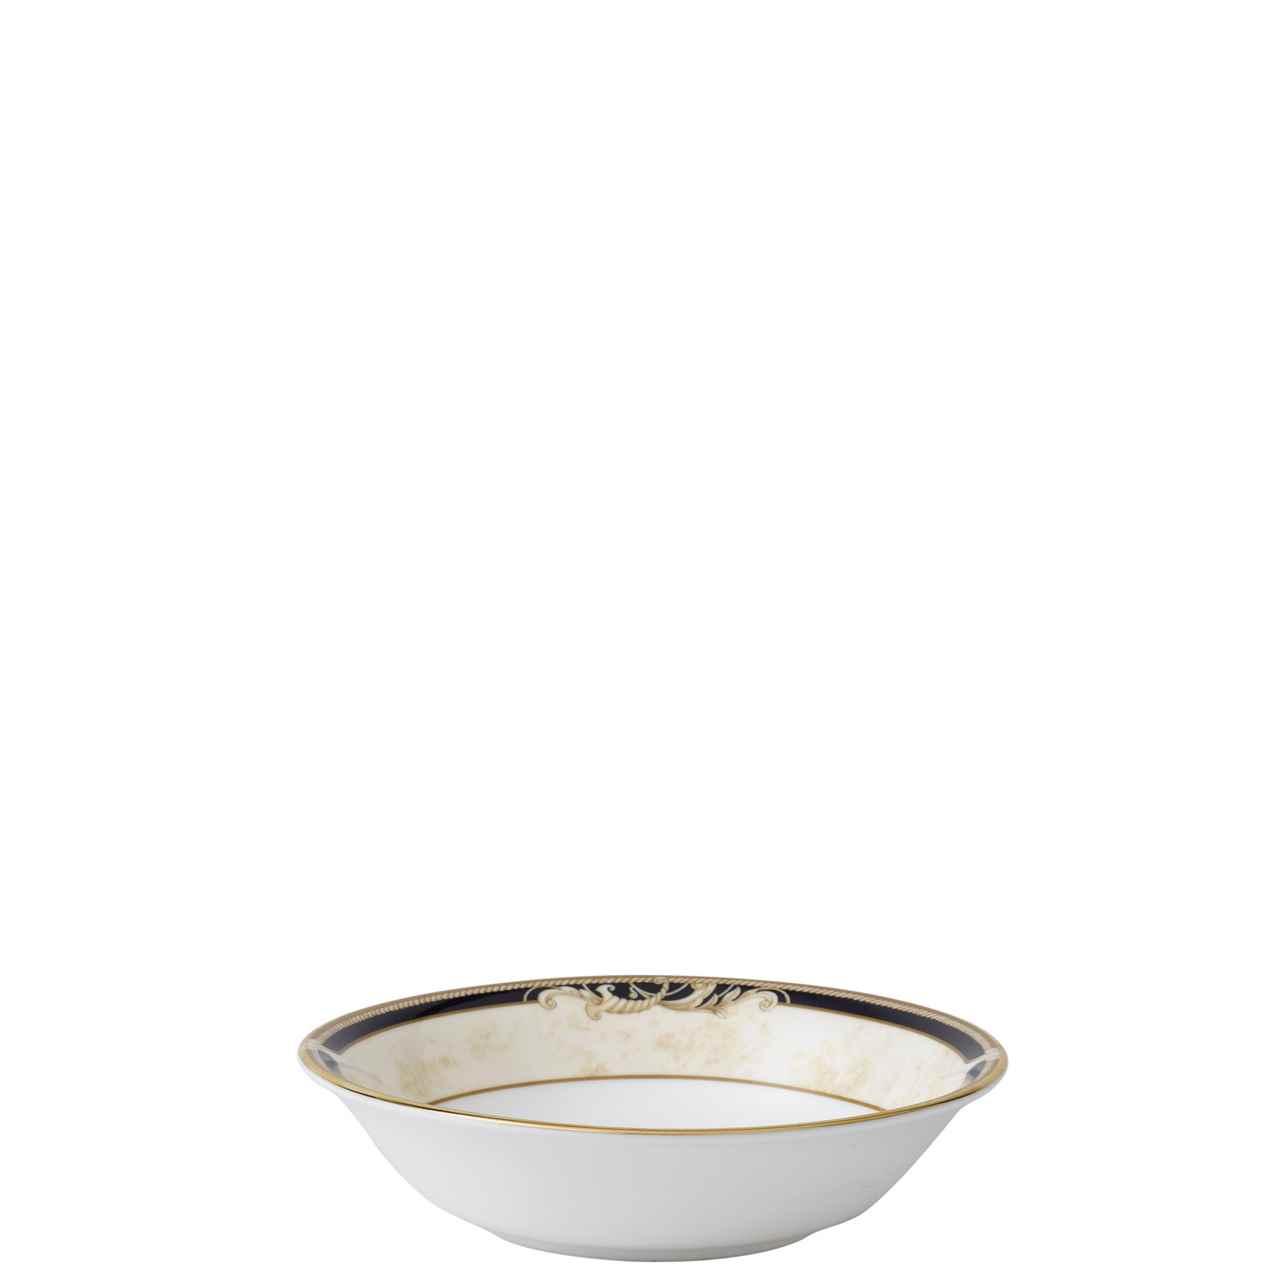 Cornucopia Cereal Bowl 16cm